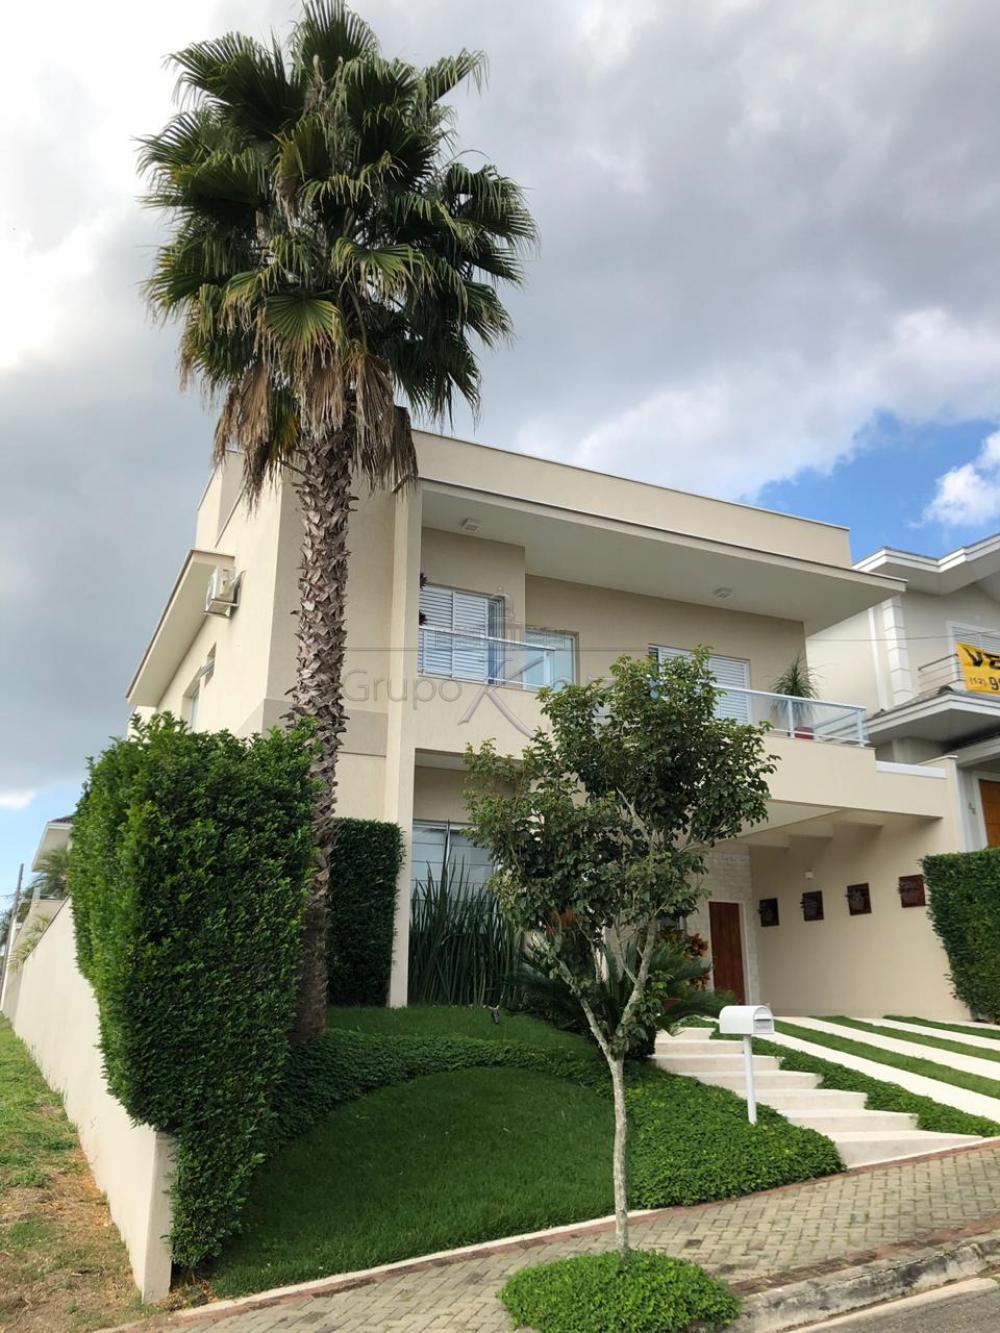 Sao Jose dos Campos Casa Venda R$2.450.000,00 Condominio R$400,00 5 Dormitorios 5 Suites Area do terreno 375.00m2 Area construida 348.21m2